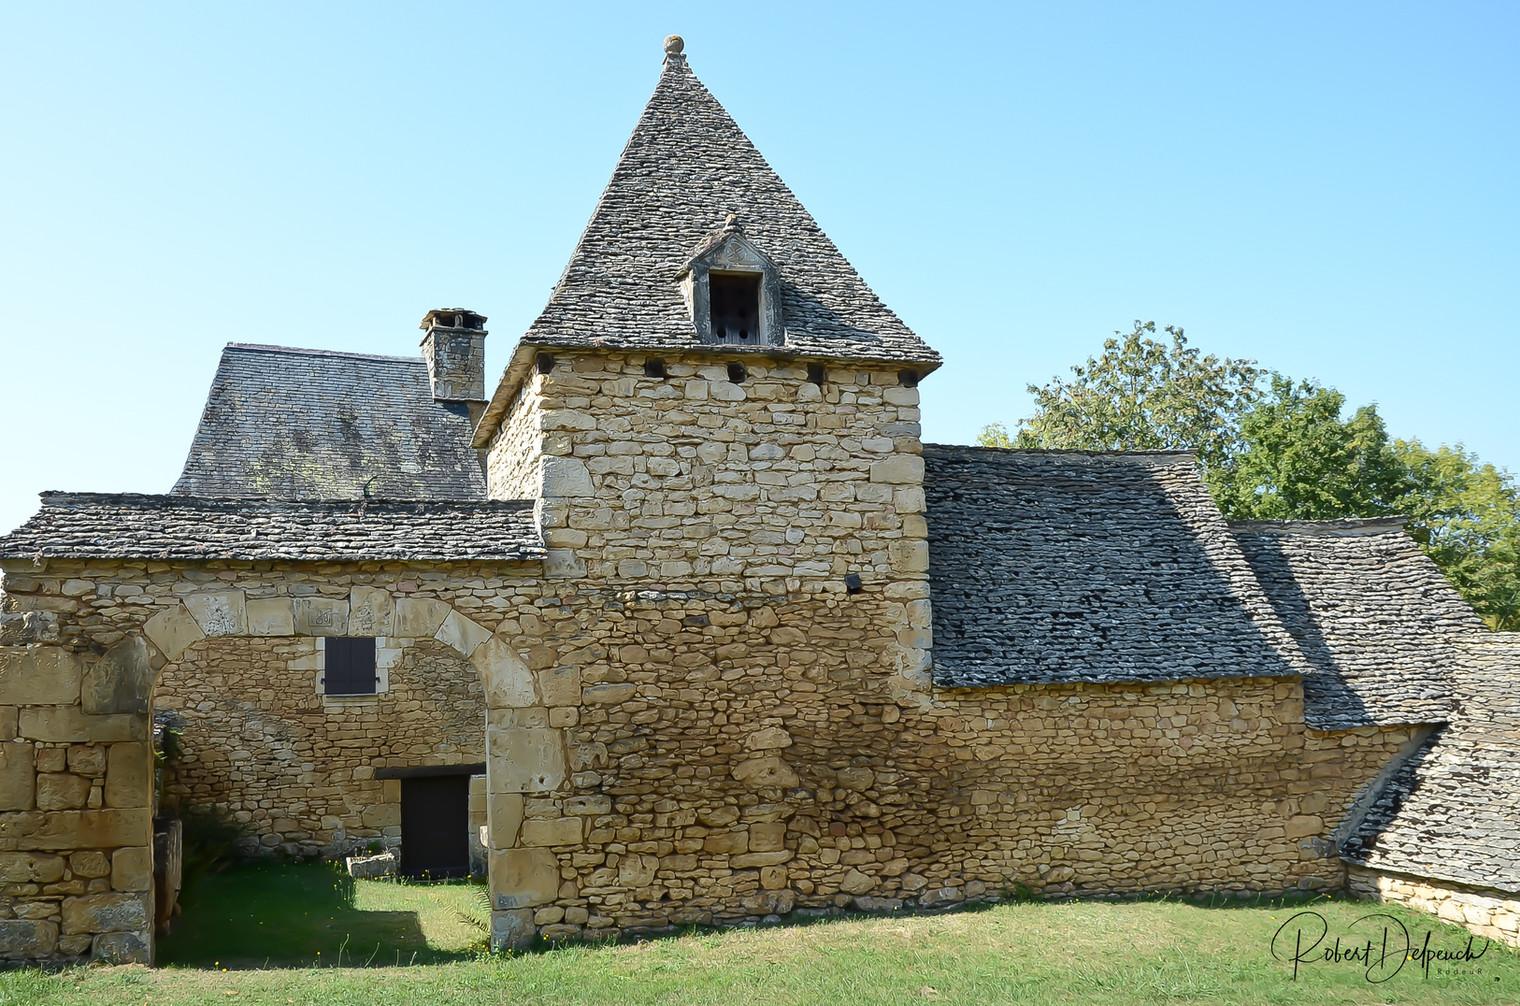 Archignac, toits  de lauze